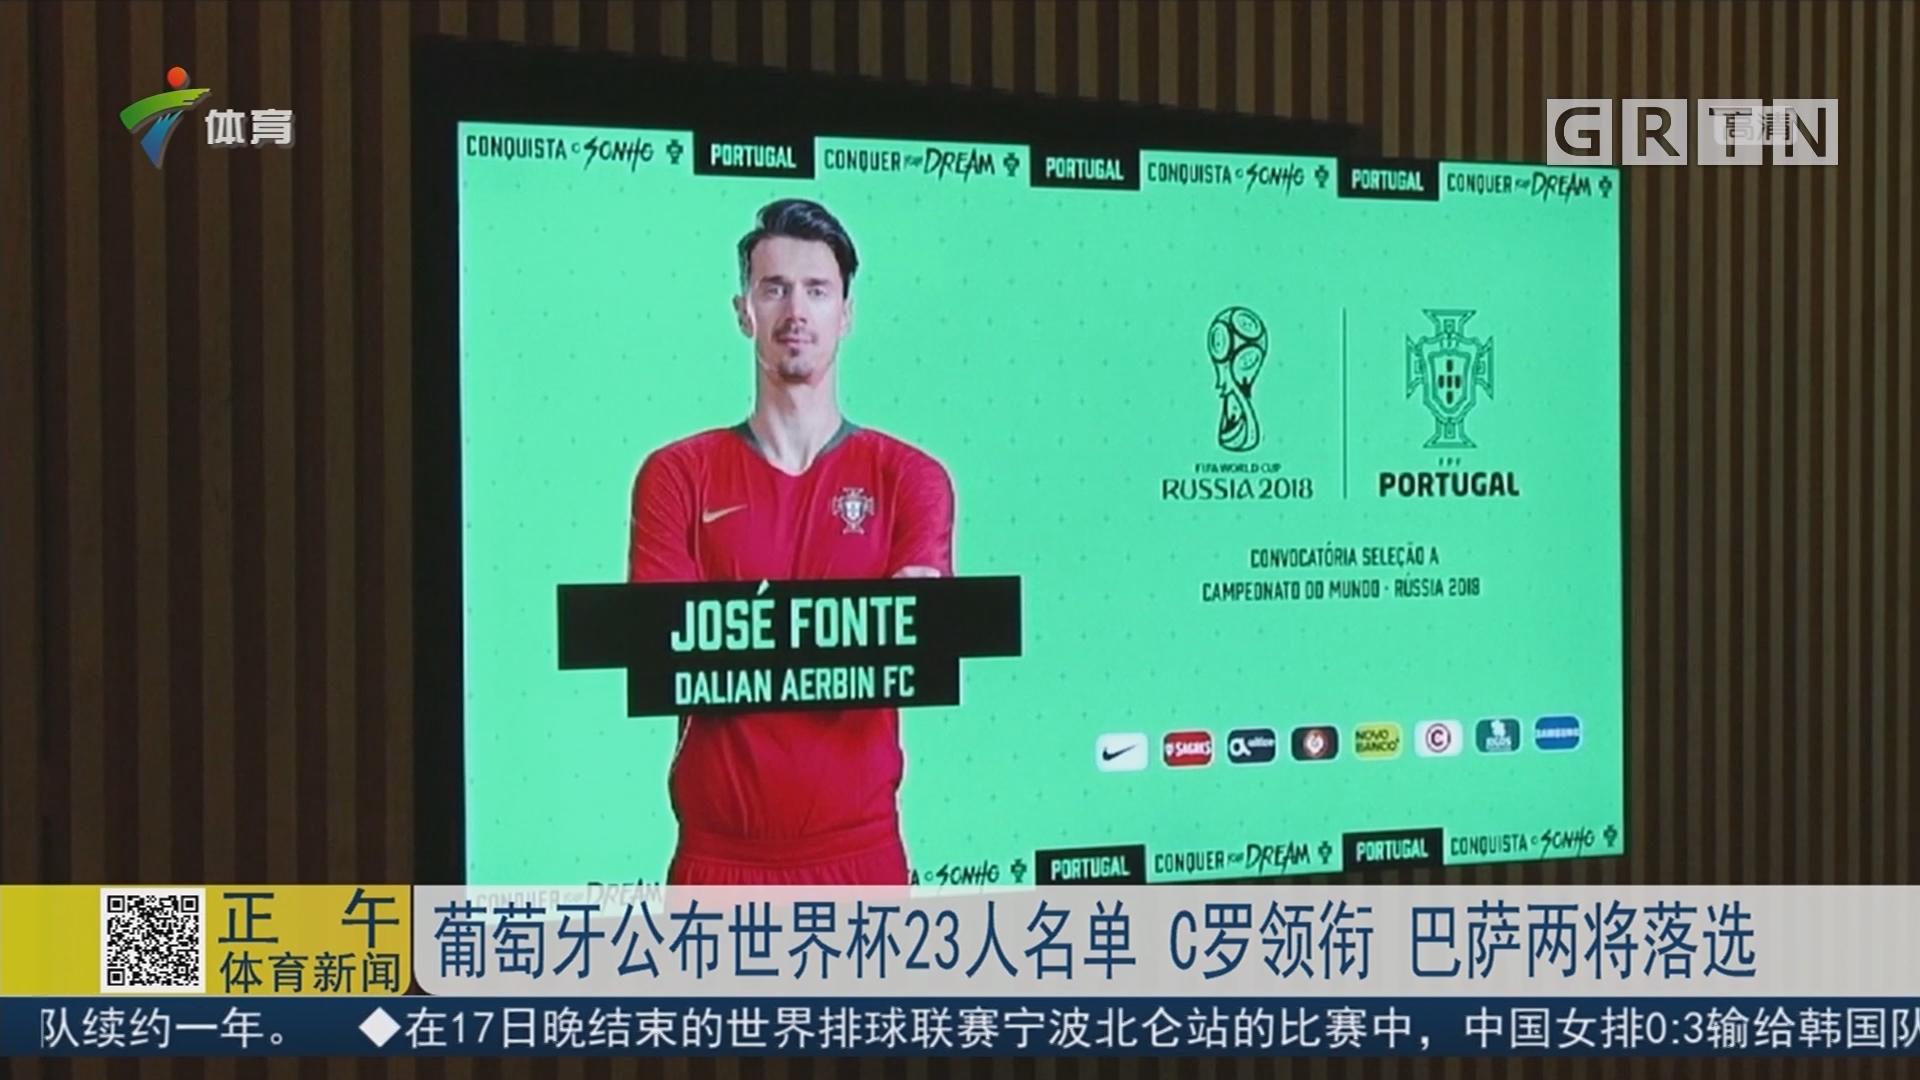 葡萄牙公布世界杯23人名单 C罗领衔 巴萨两将落选